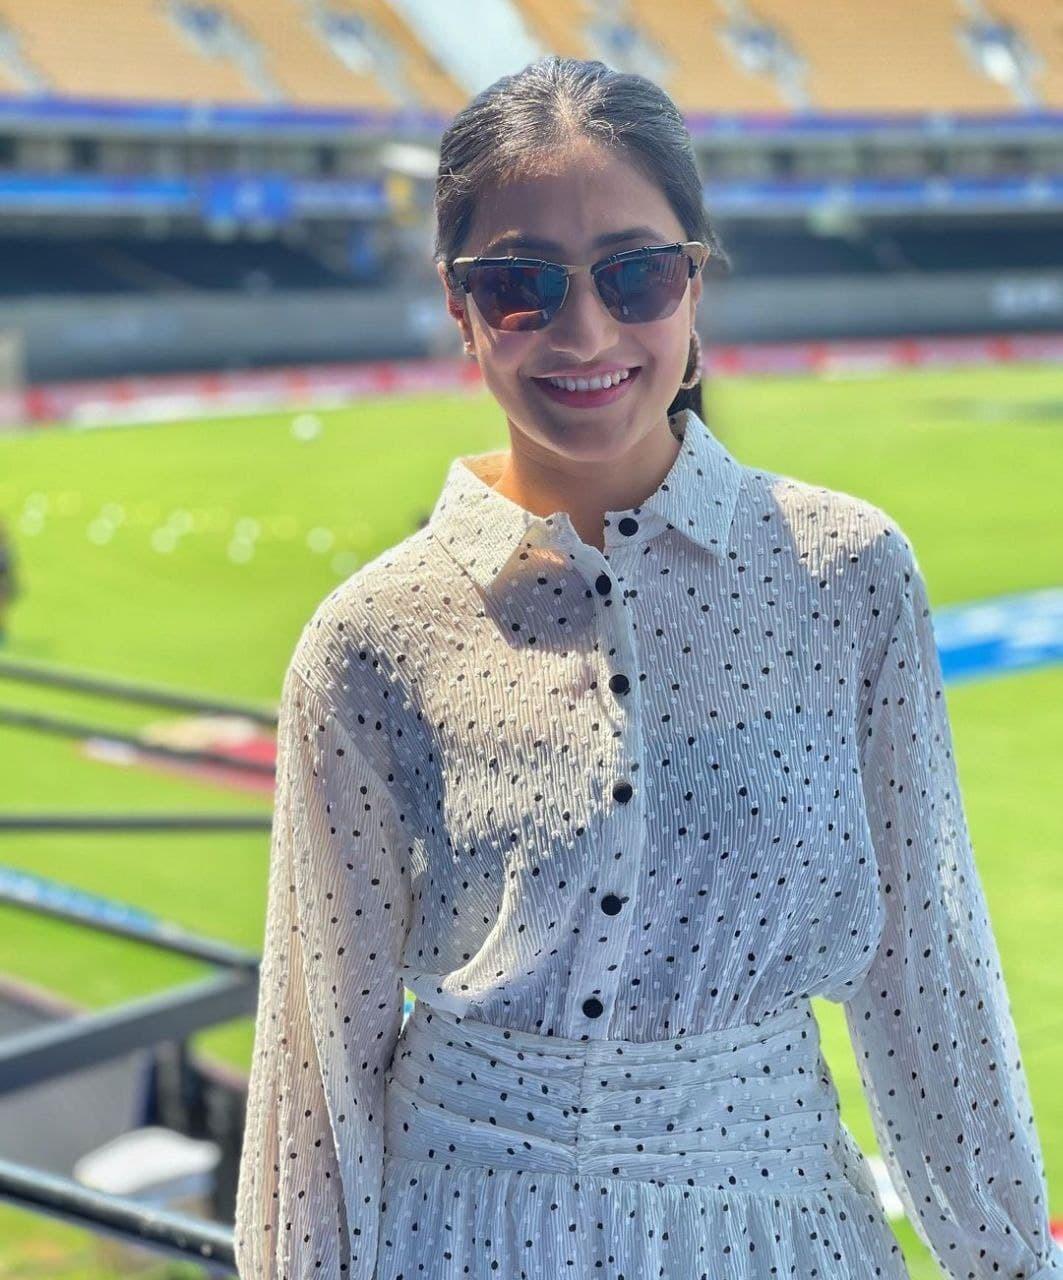 ভারতীয় ক্রিকেটার যুজবেন্দ্র চাহালের ইউটিউবার স্ত্রী ধনশ্রী-র ভাইরাল ছবি